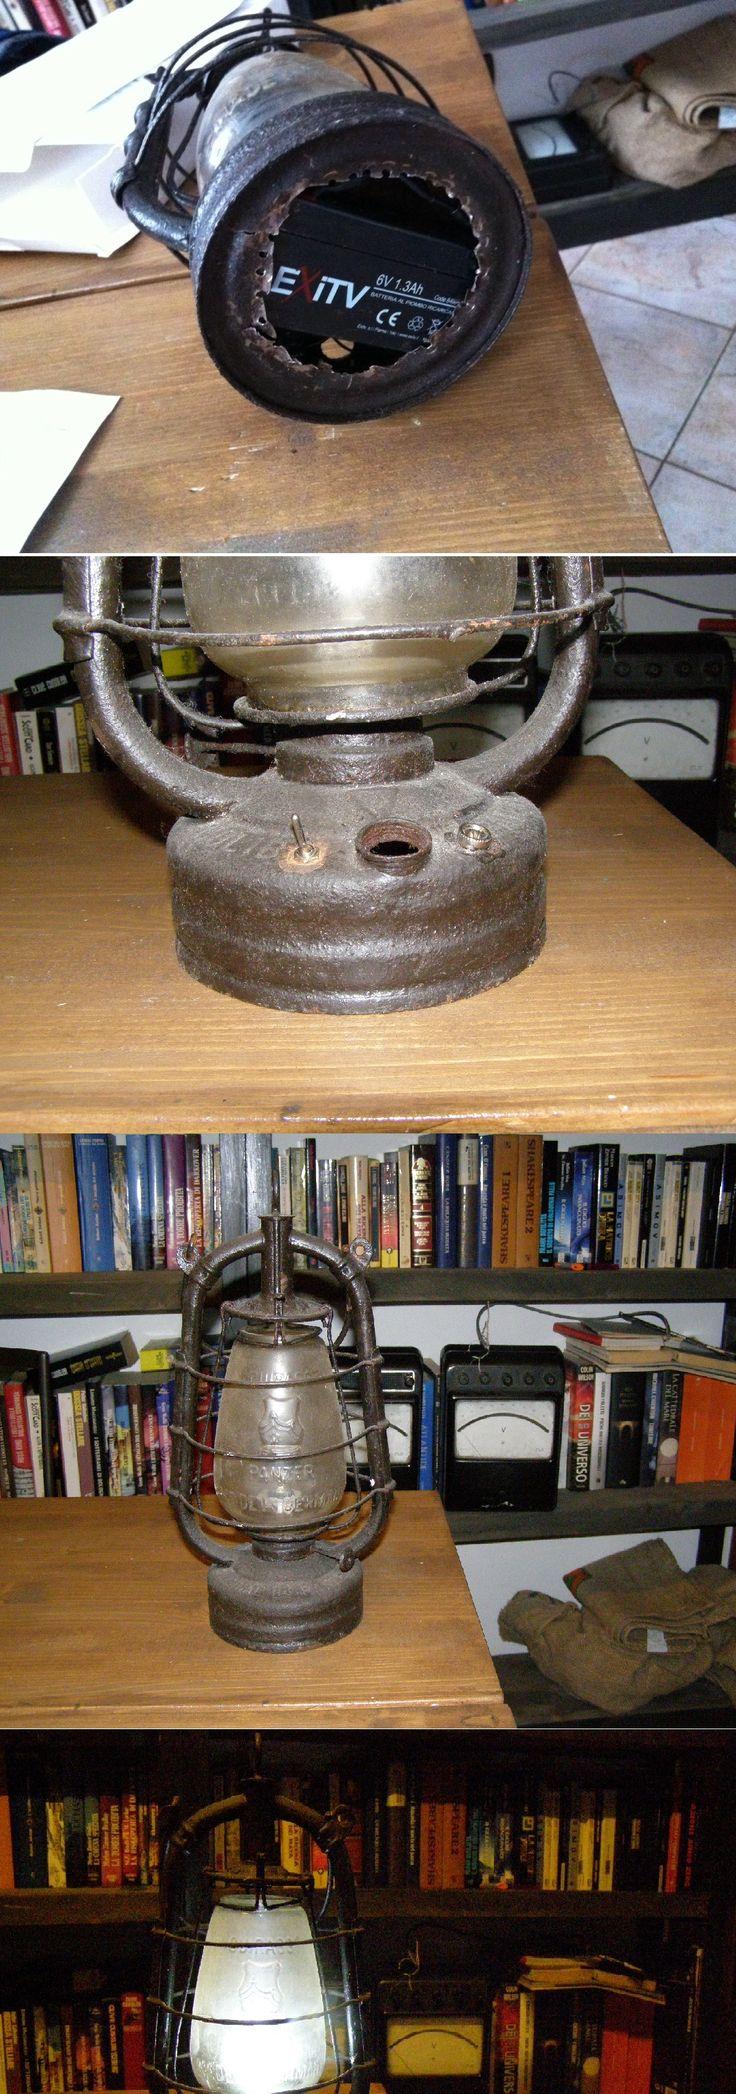 Una lanterna dei primi del 900, completamente arrugginita, sfondata inservibile. all'interno ho collocato una batteria al piombo da 6V, interruttore e apposito orifizio di ricarica. Per ora fa una luce troppo fredda, in progetto un filtro rotante giallo arancio per simulare la fiamma.